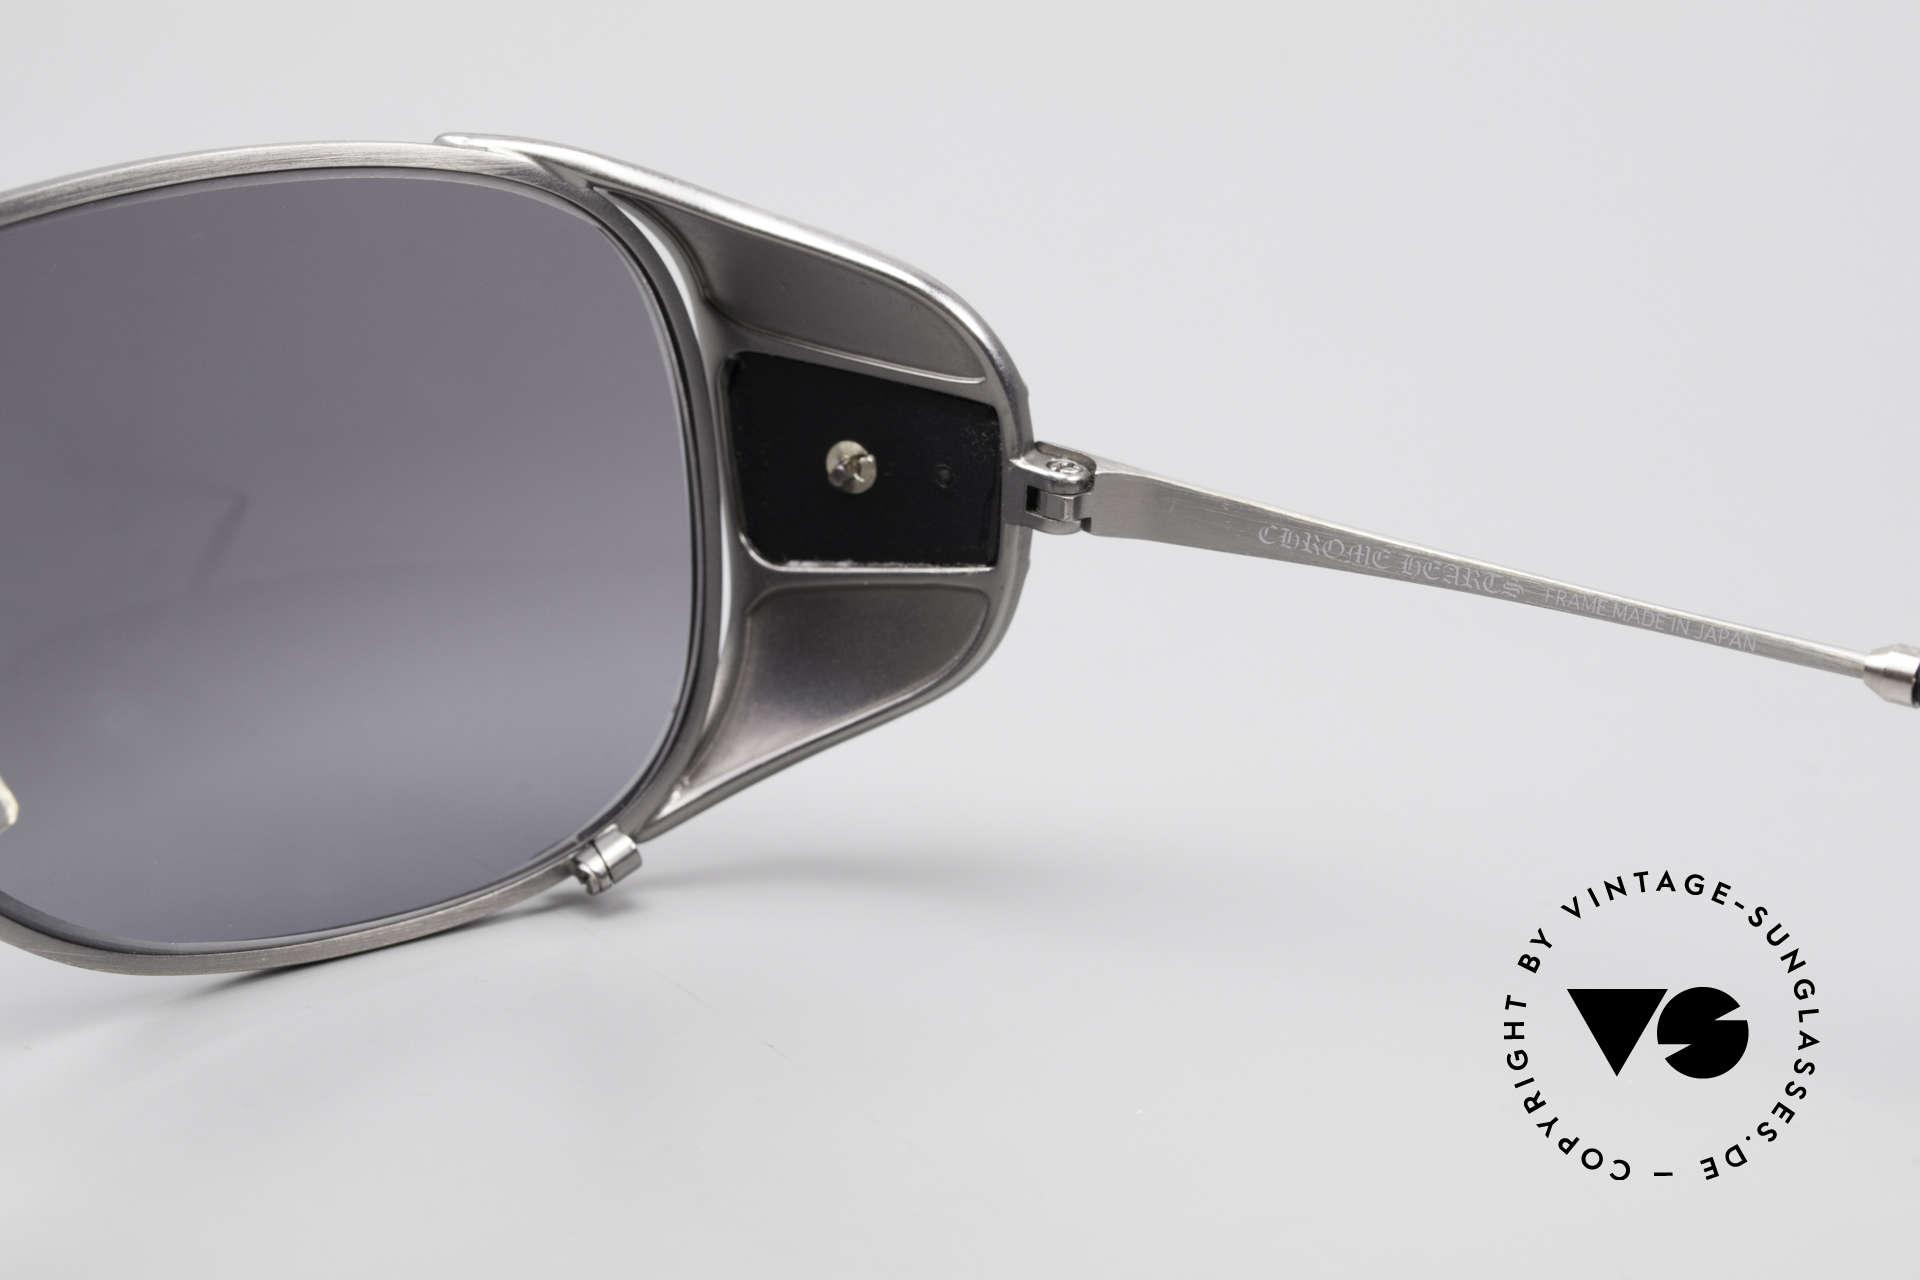 Chrome Hearts Jones Luxus Sonnenbrille Für Kenner, Größe: large, Passend für Herren